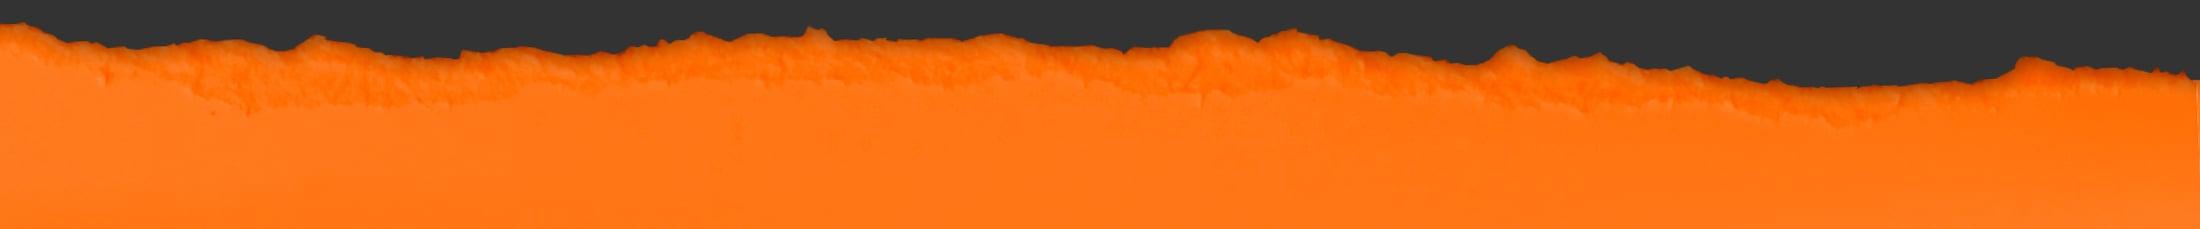 cic- rip orange-grey-top